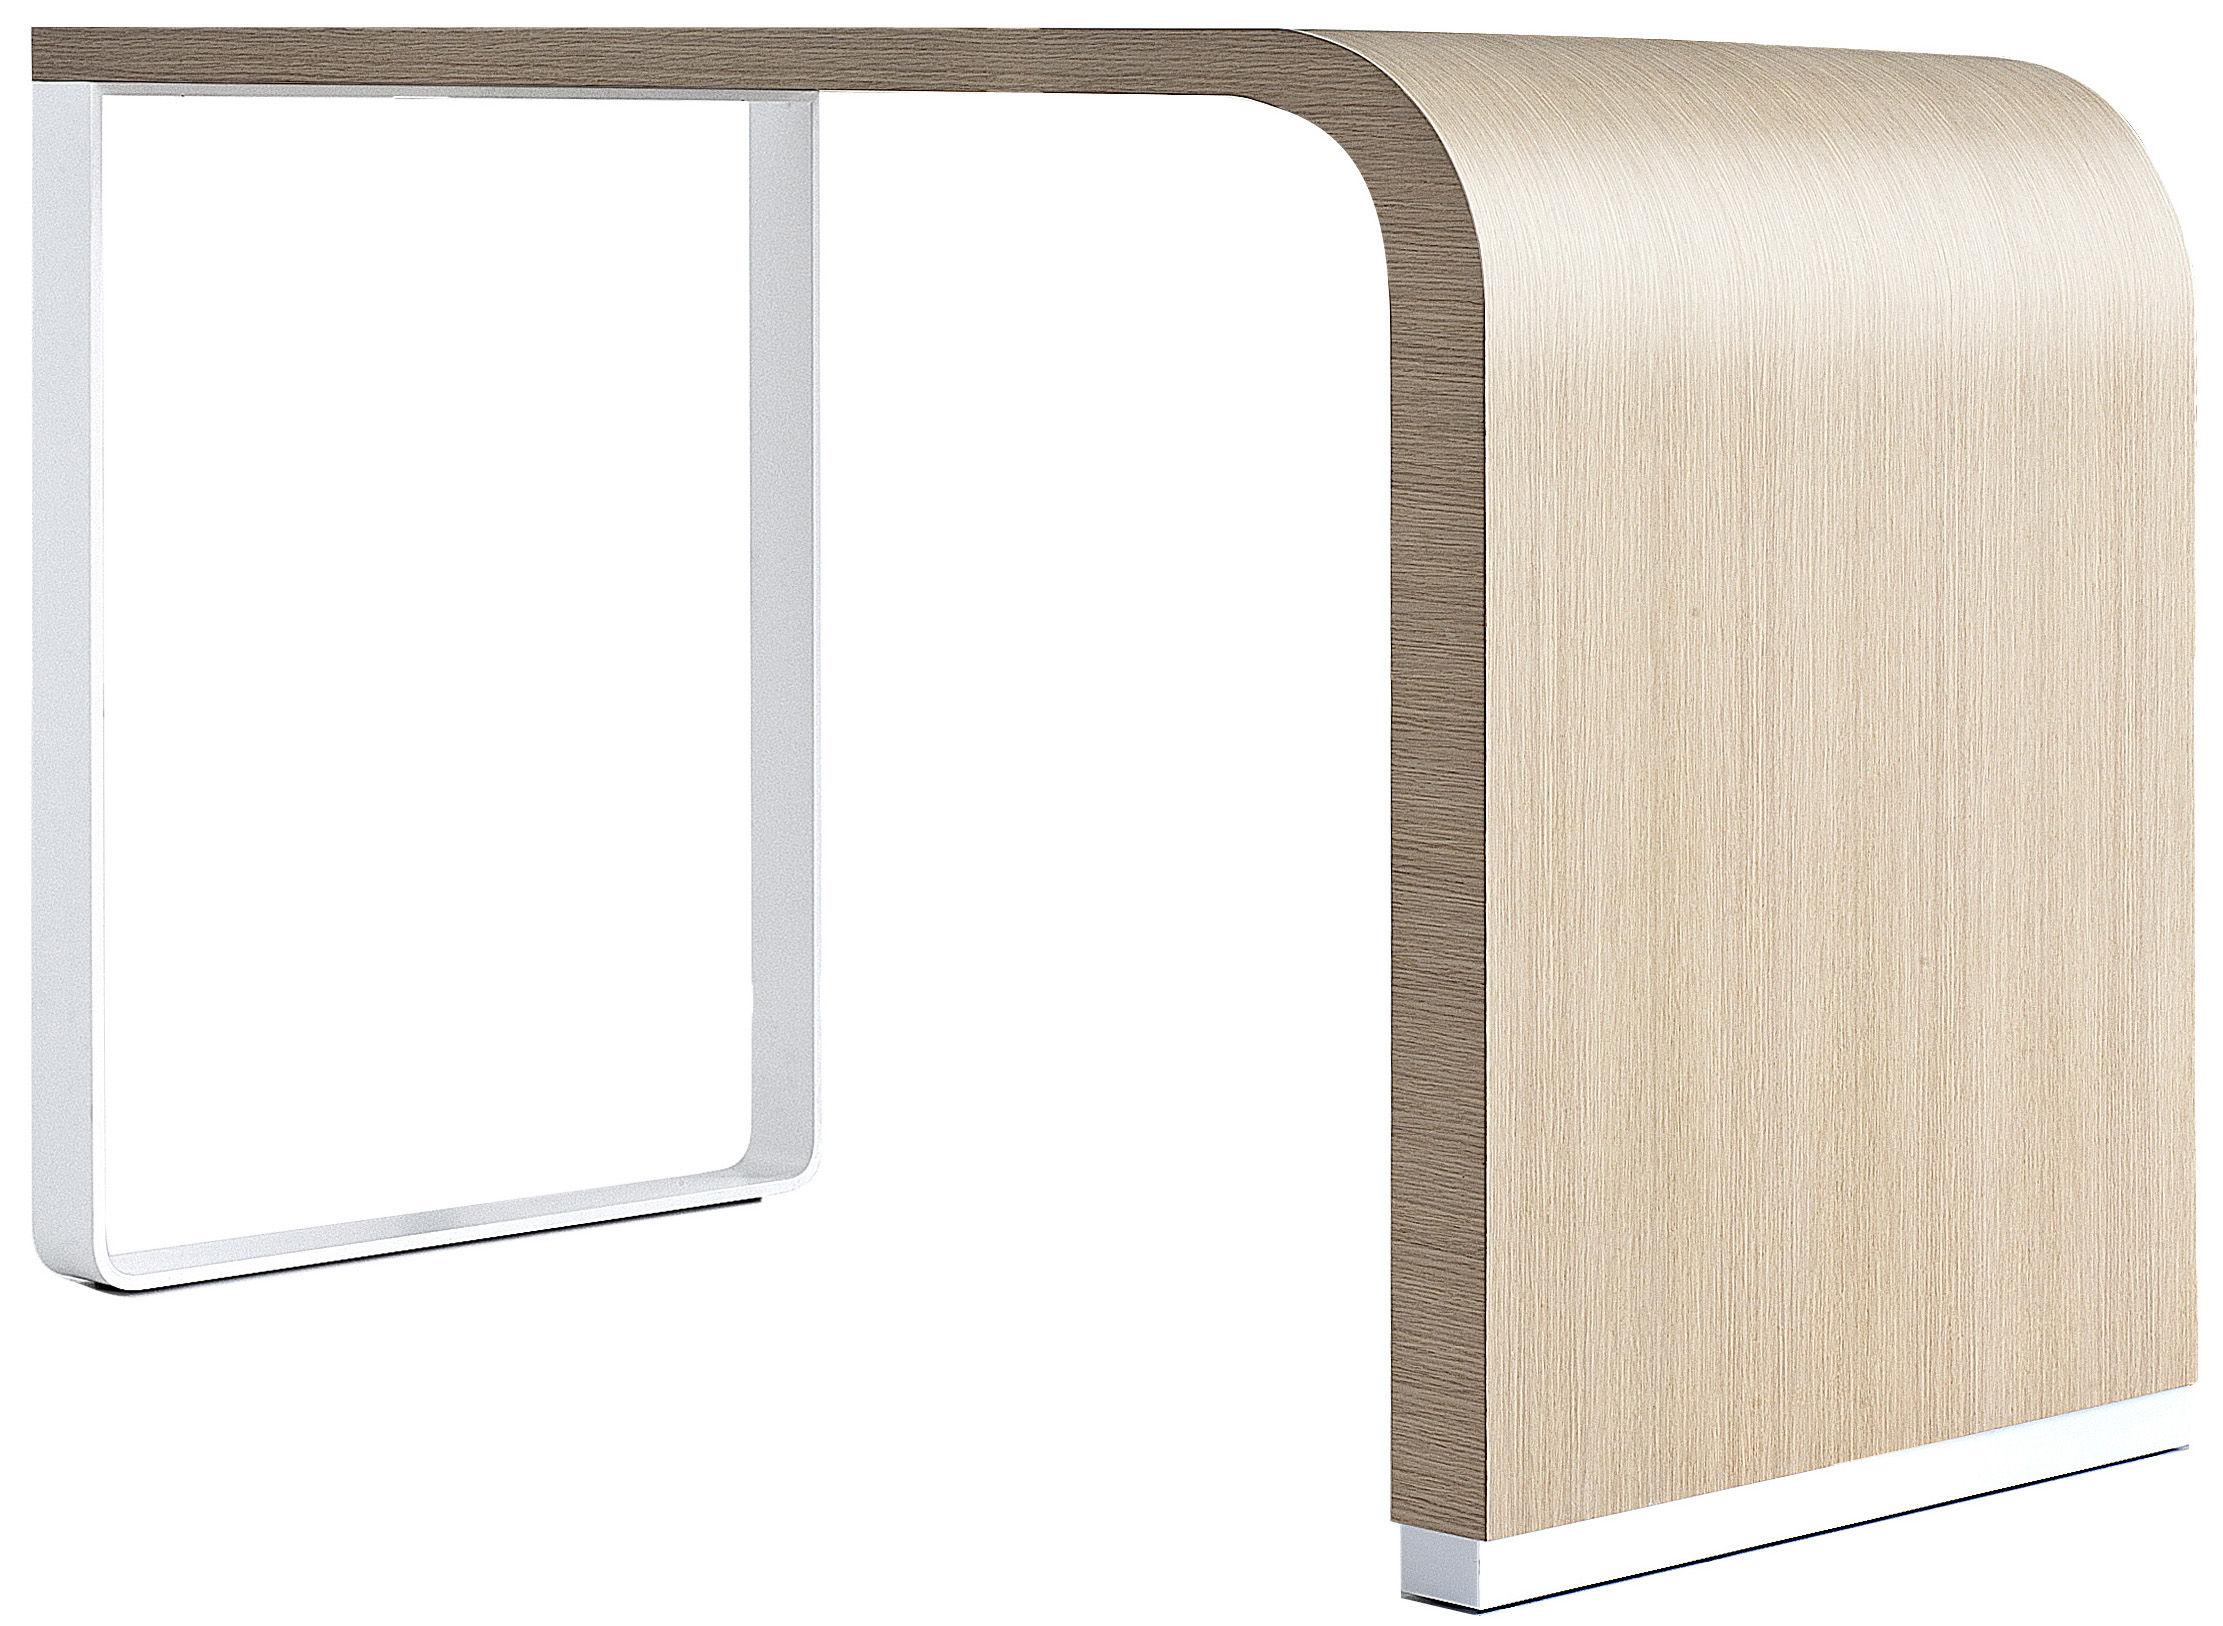 Möbel - Stehtische und Bars - Brunch Stehtisch / Tresen - L 140 x H 90 cm - Lapalma - Eiche gebleicht / Gestell chrom (matt) - Contreplaqué de bois, verchromtes Aluminium